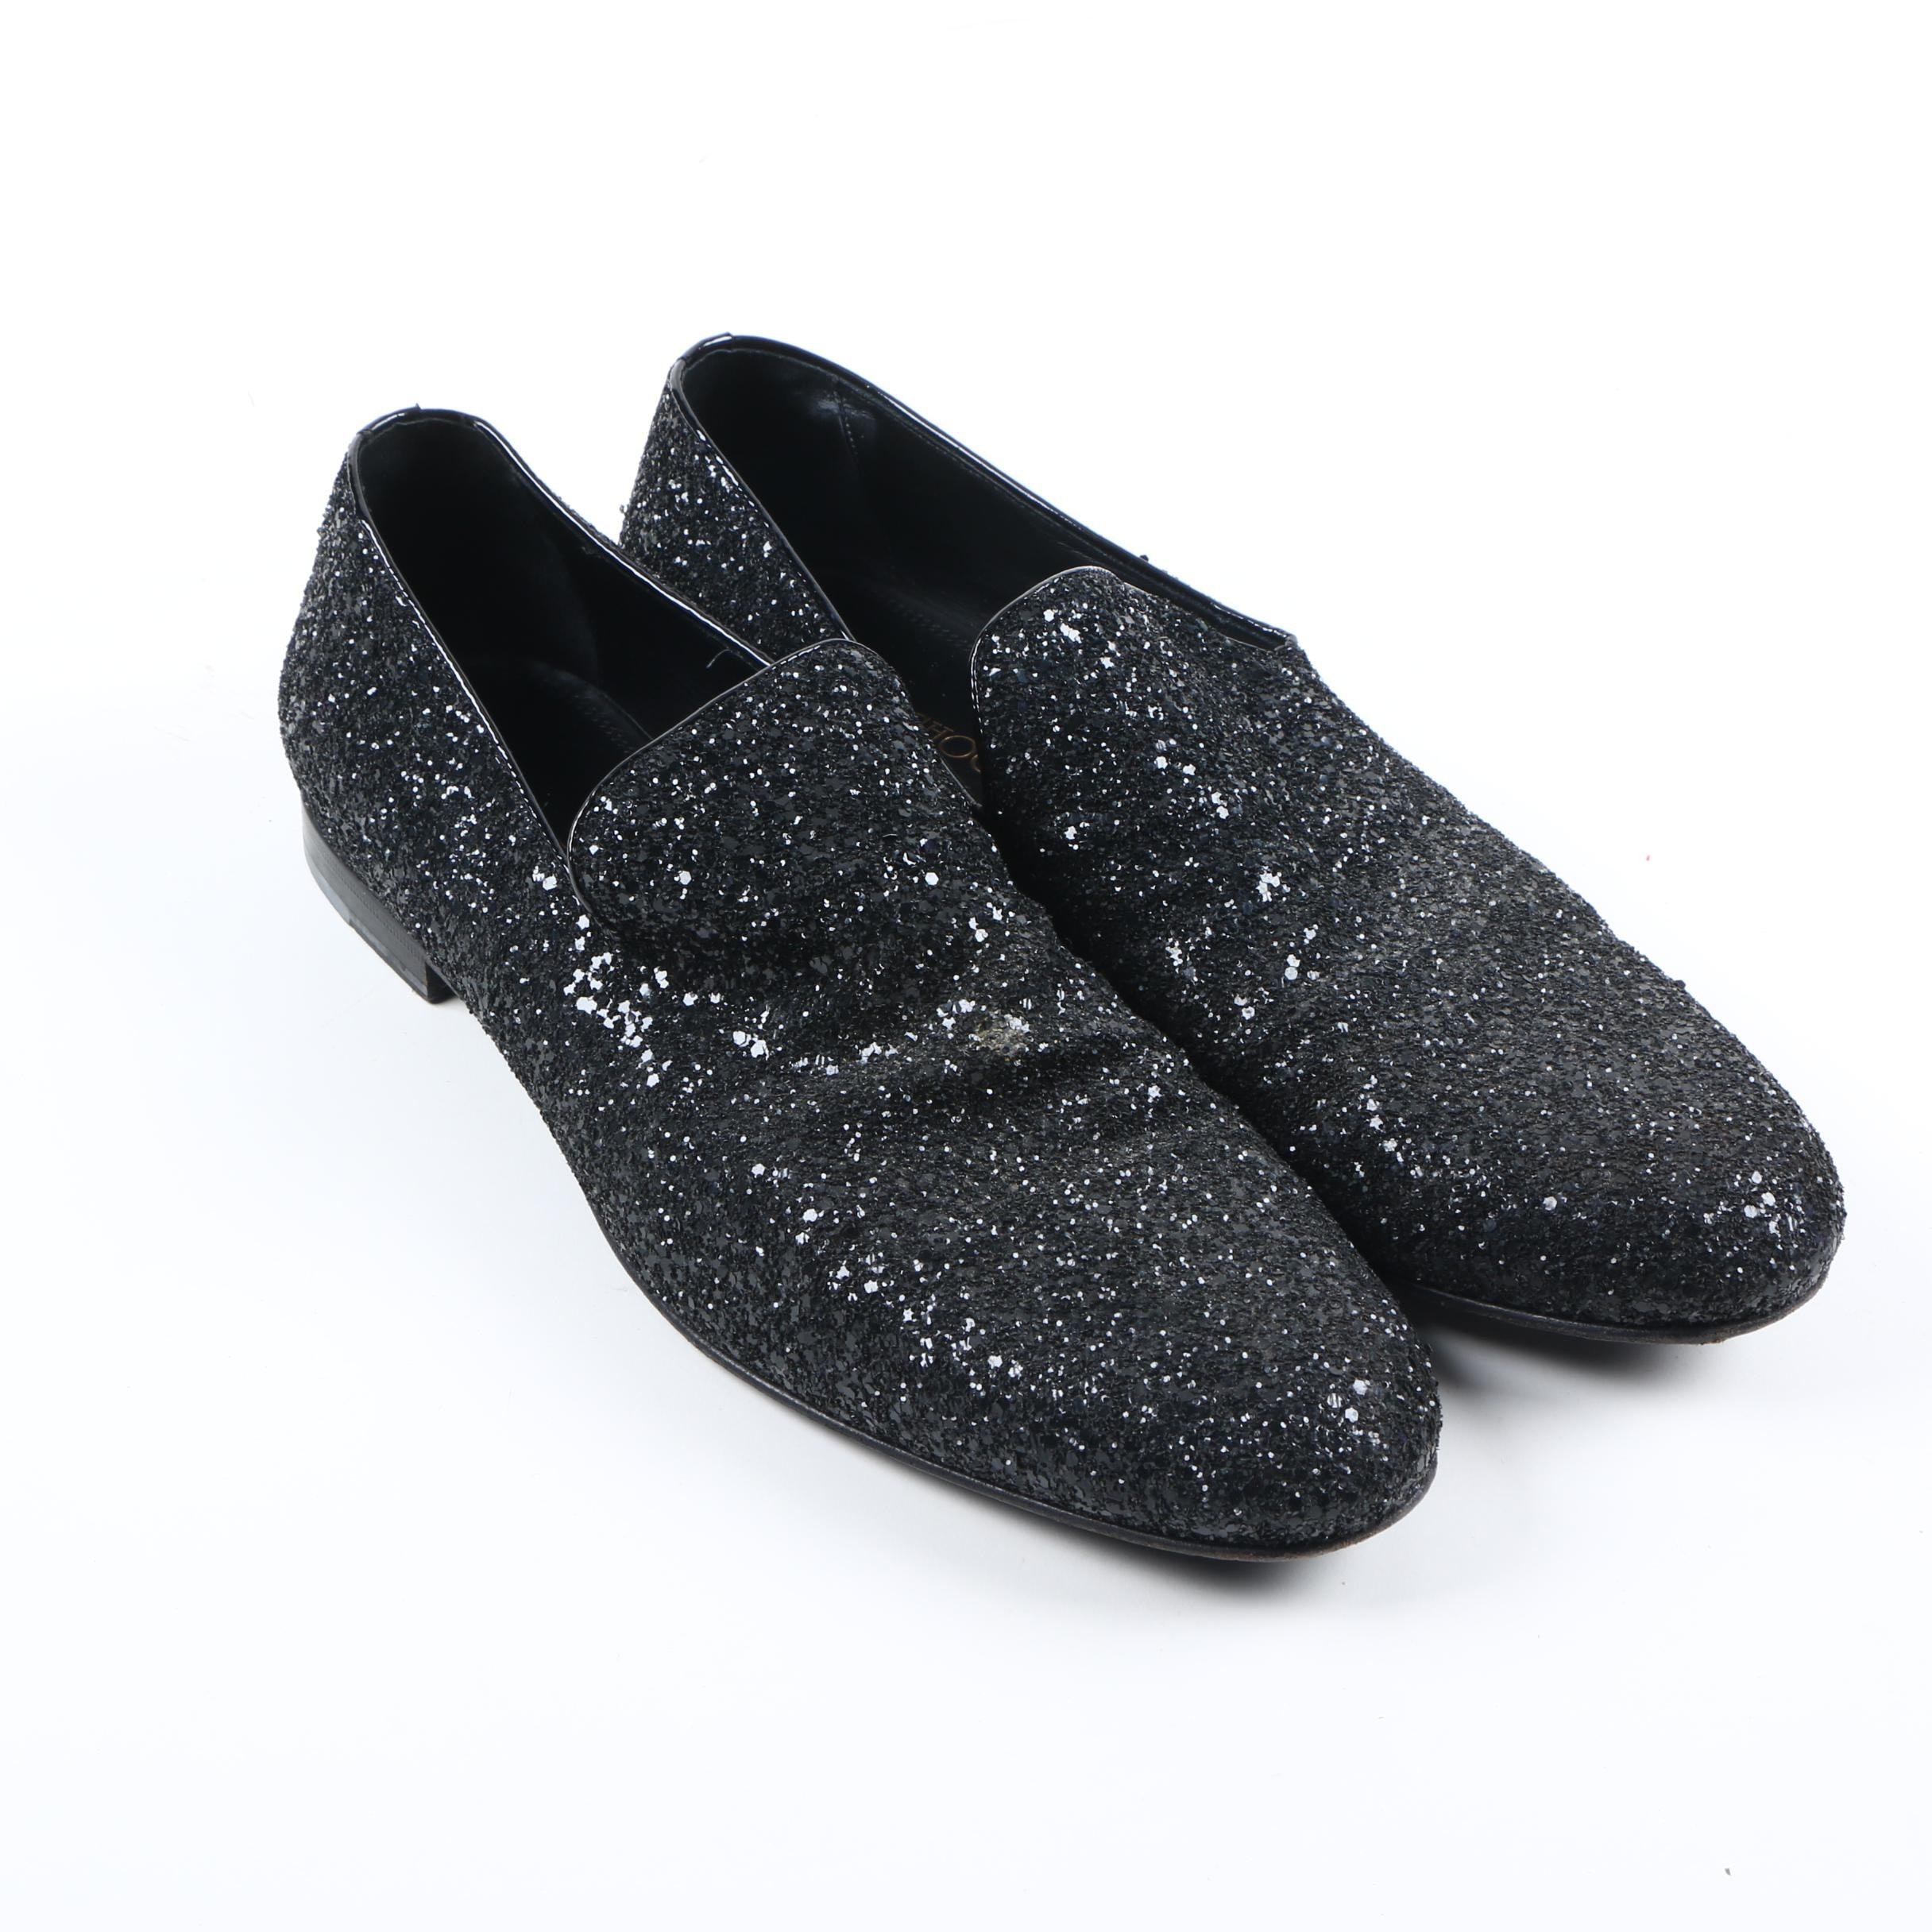 Men's Jimmy Choo Glitter Loafers